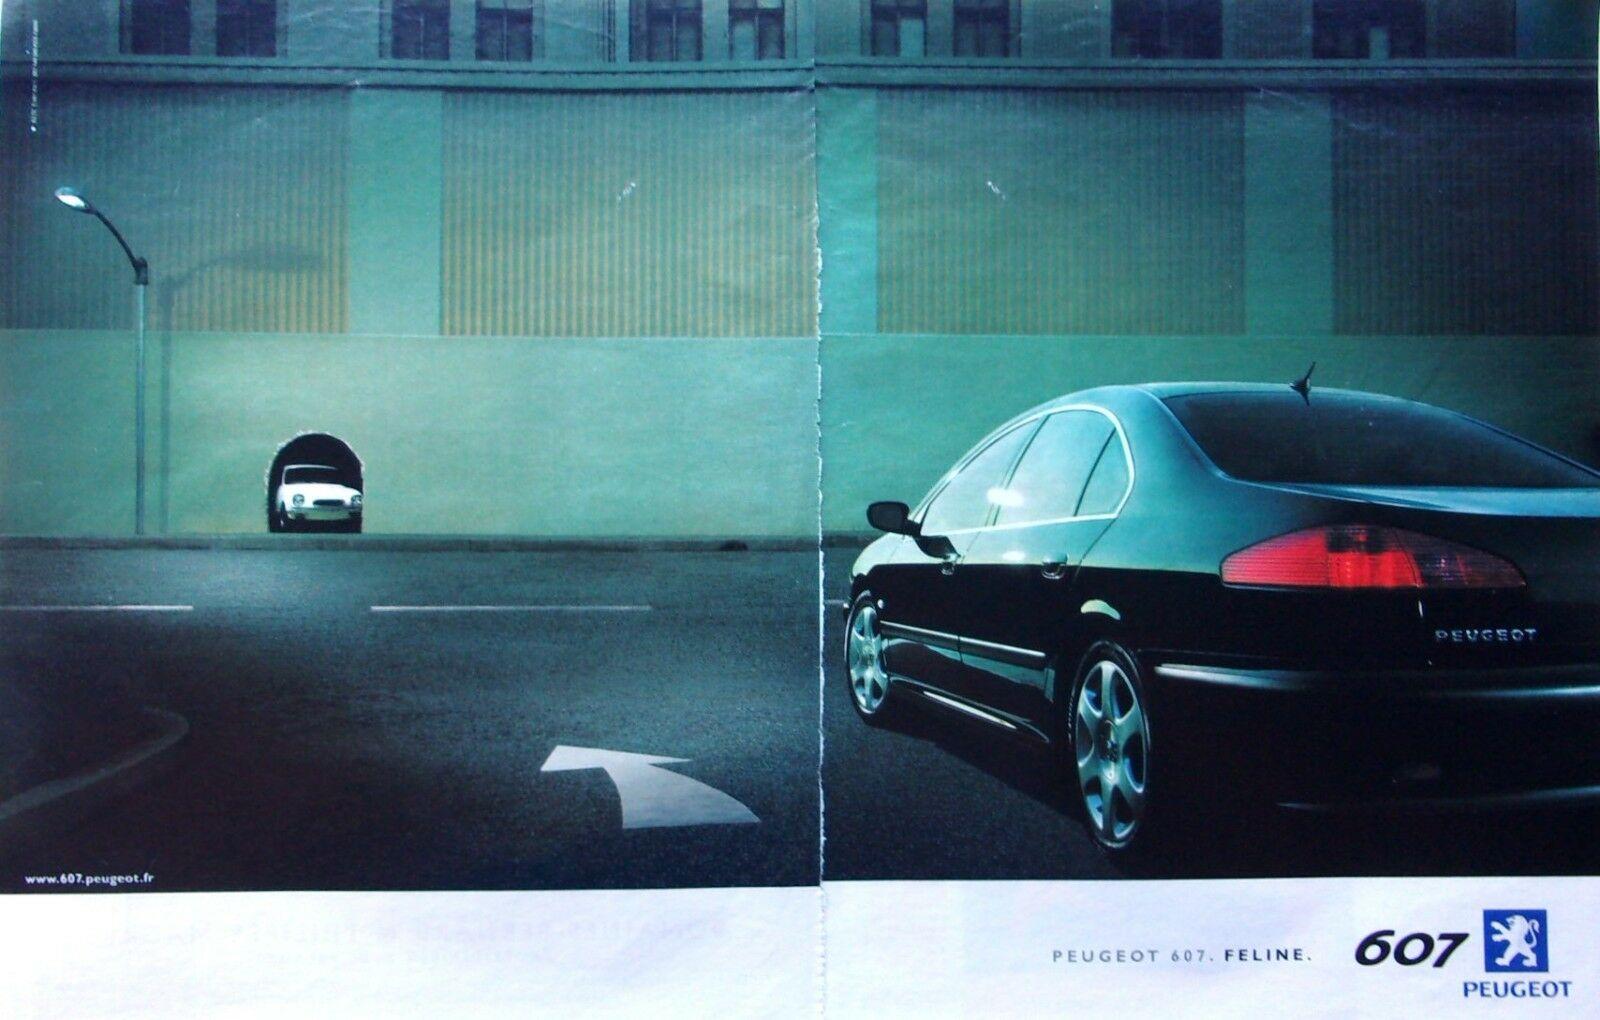 2000 Peugeot 607 B2